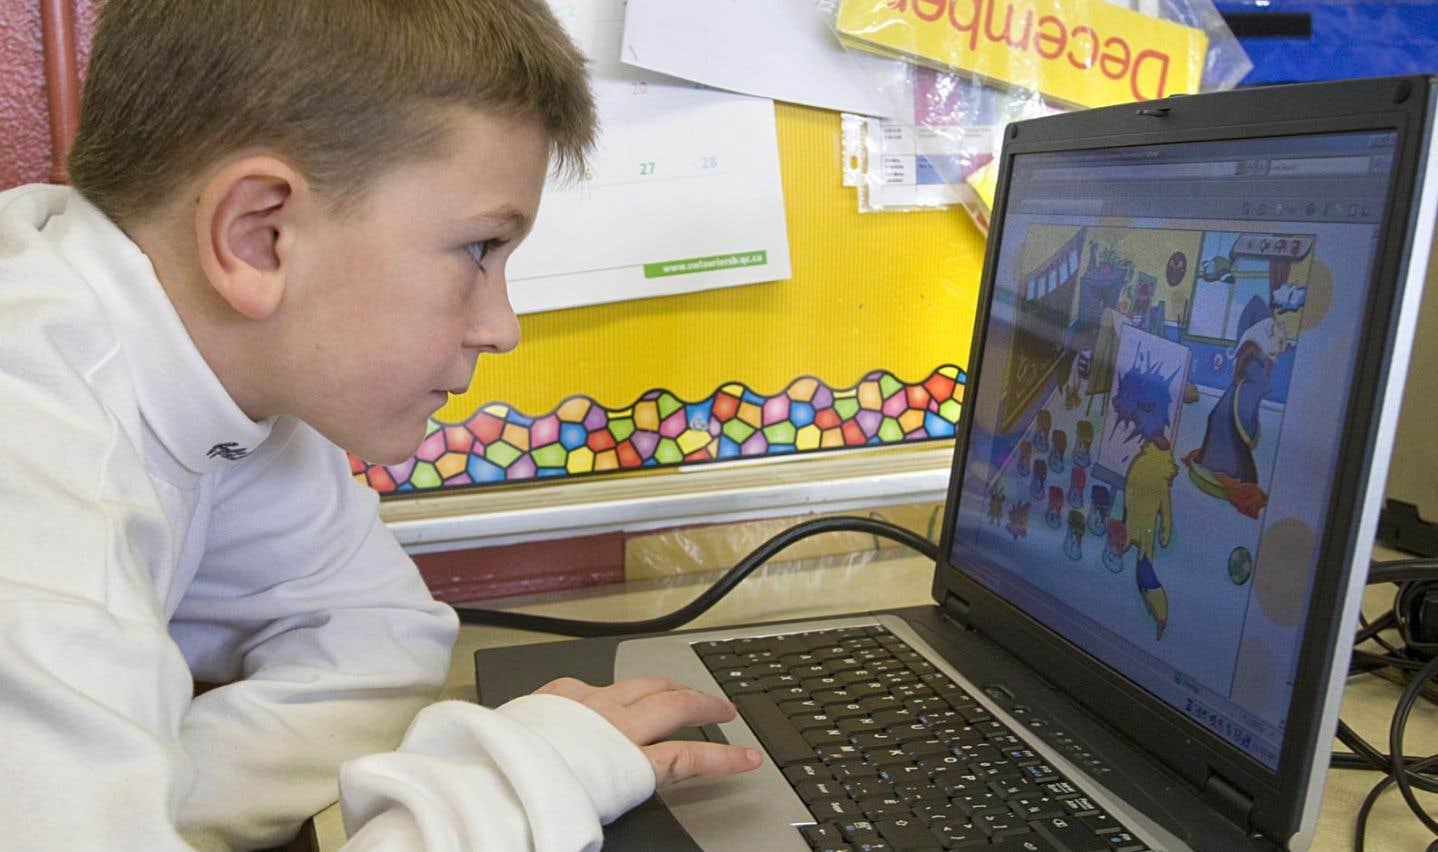 Pédagogie - Entre enjeux complexes et technologie, l'école d'aujourd'hui